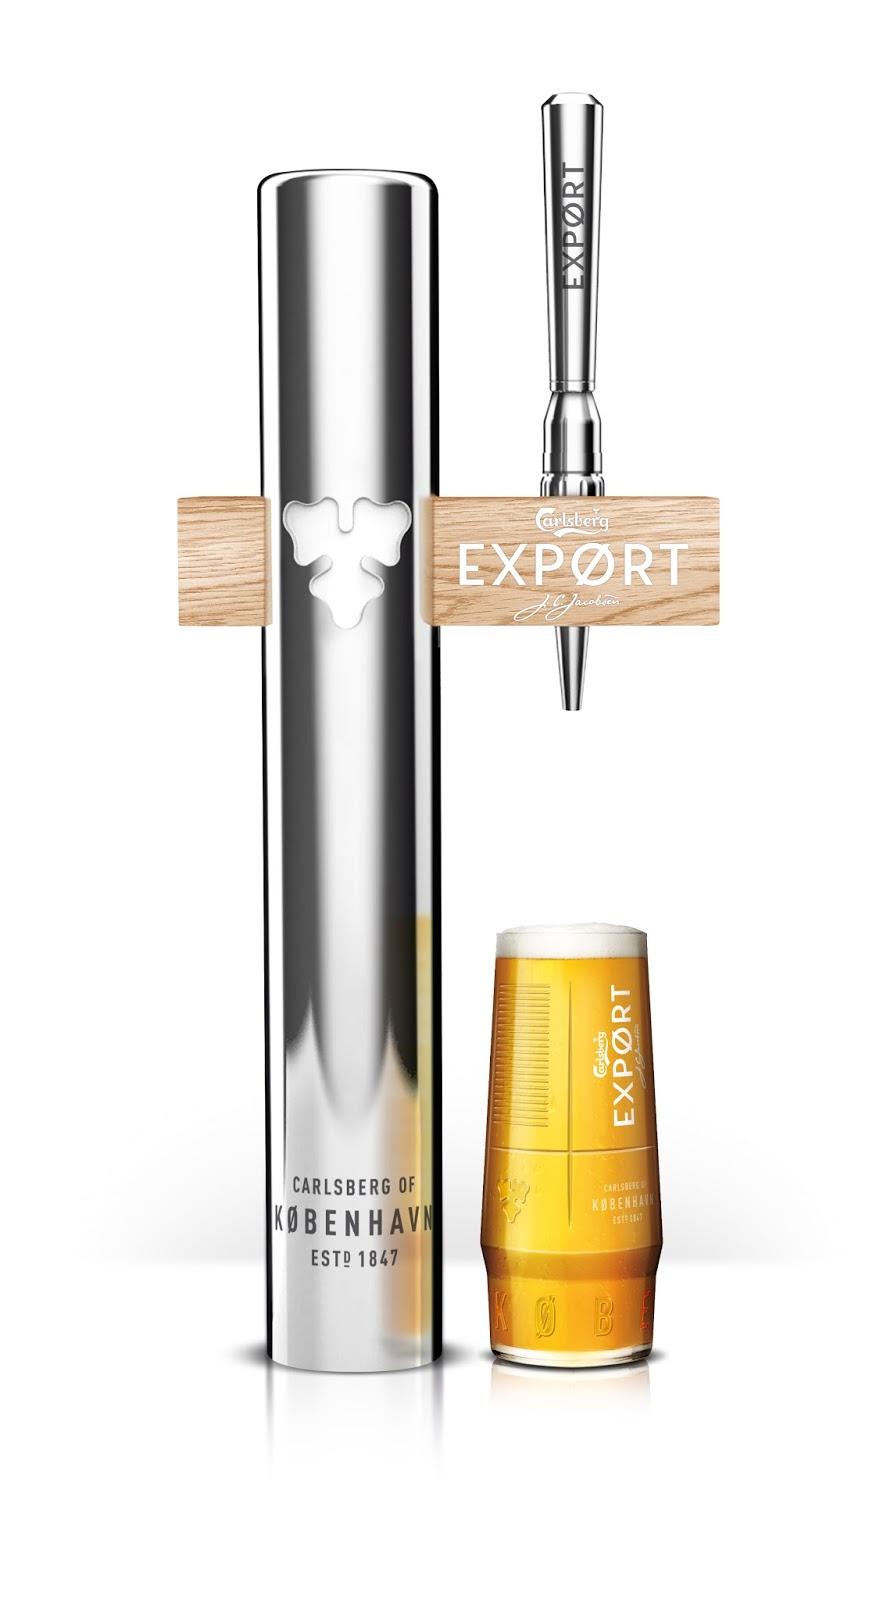 carlsberg-export-3